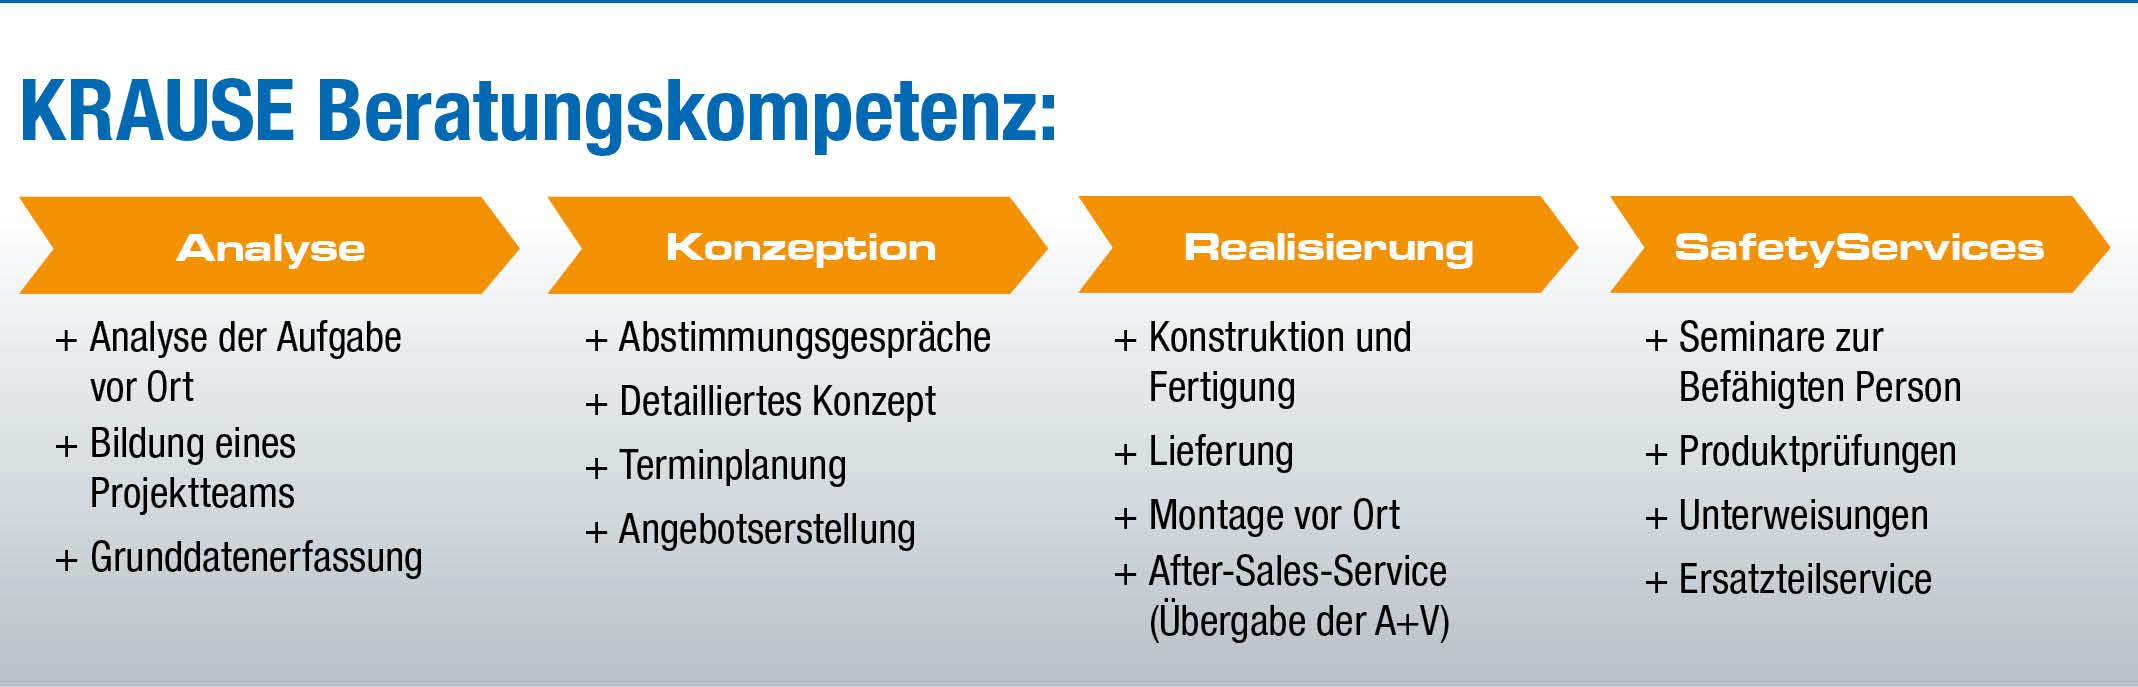 Grafik der KRAUSE Beratungskompetenz